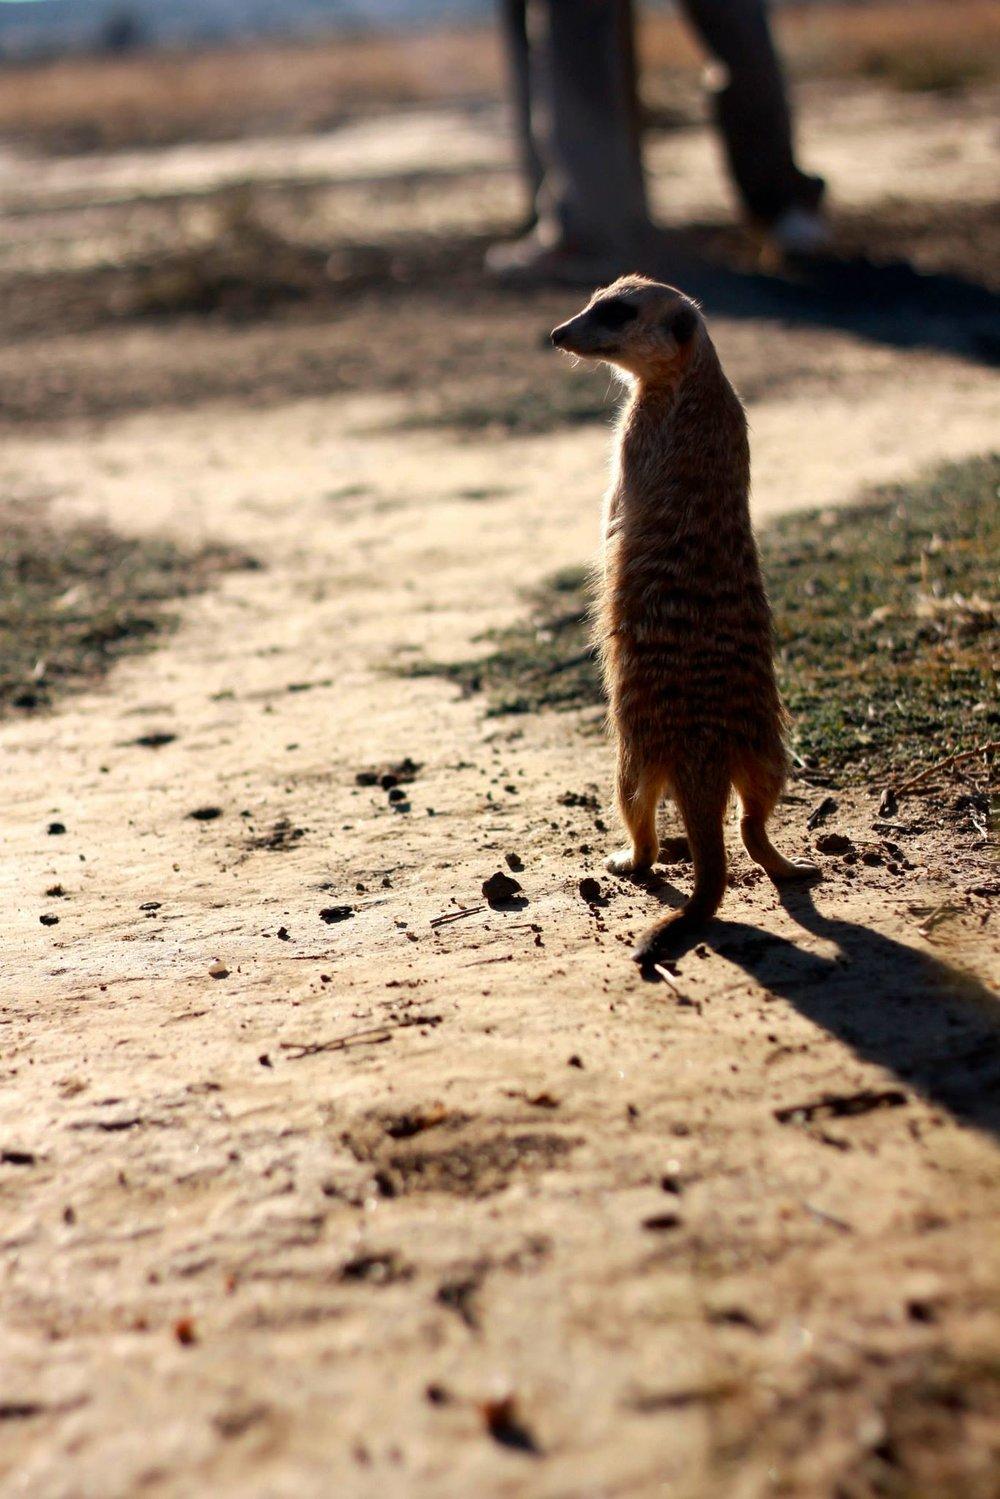 Timone Namibia, 2013